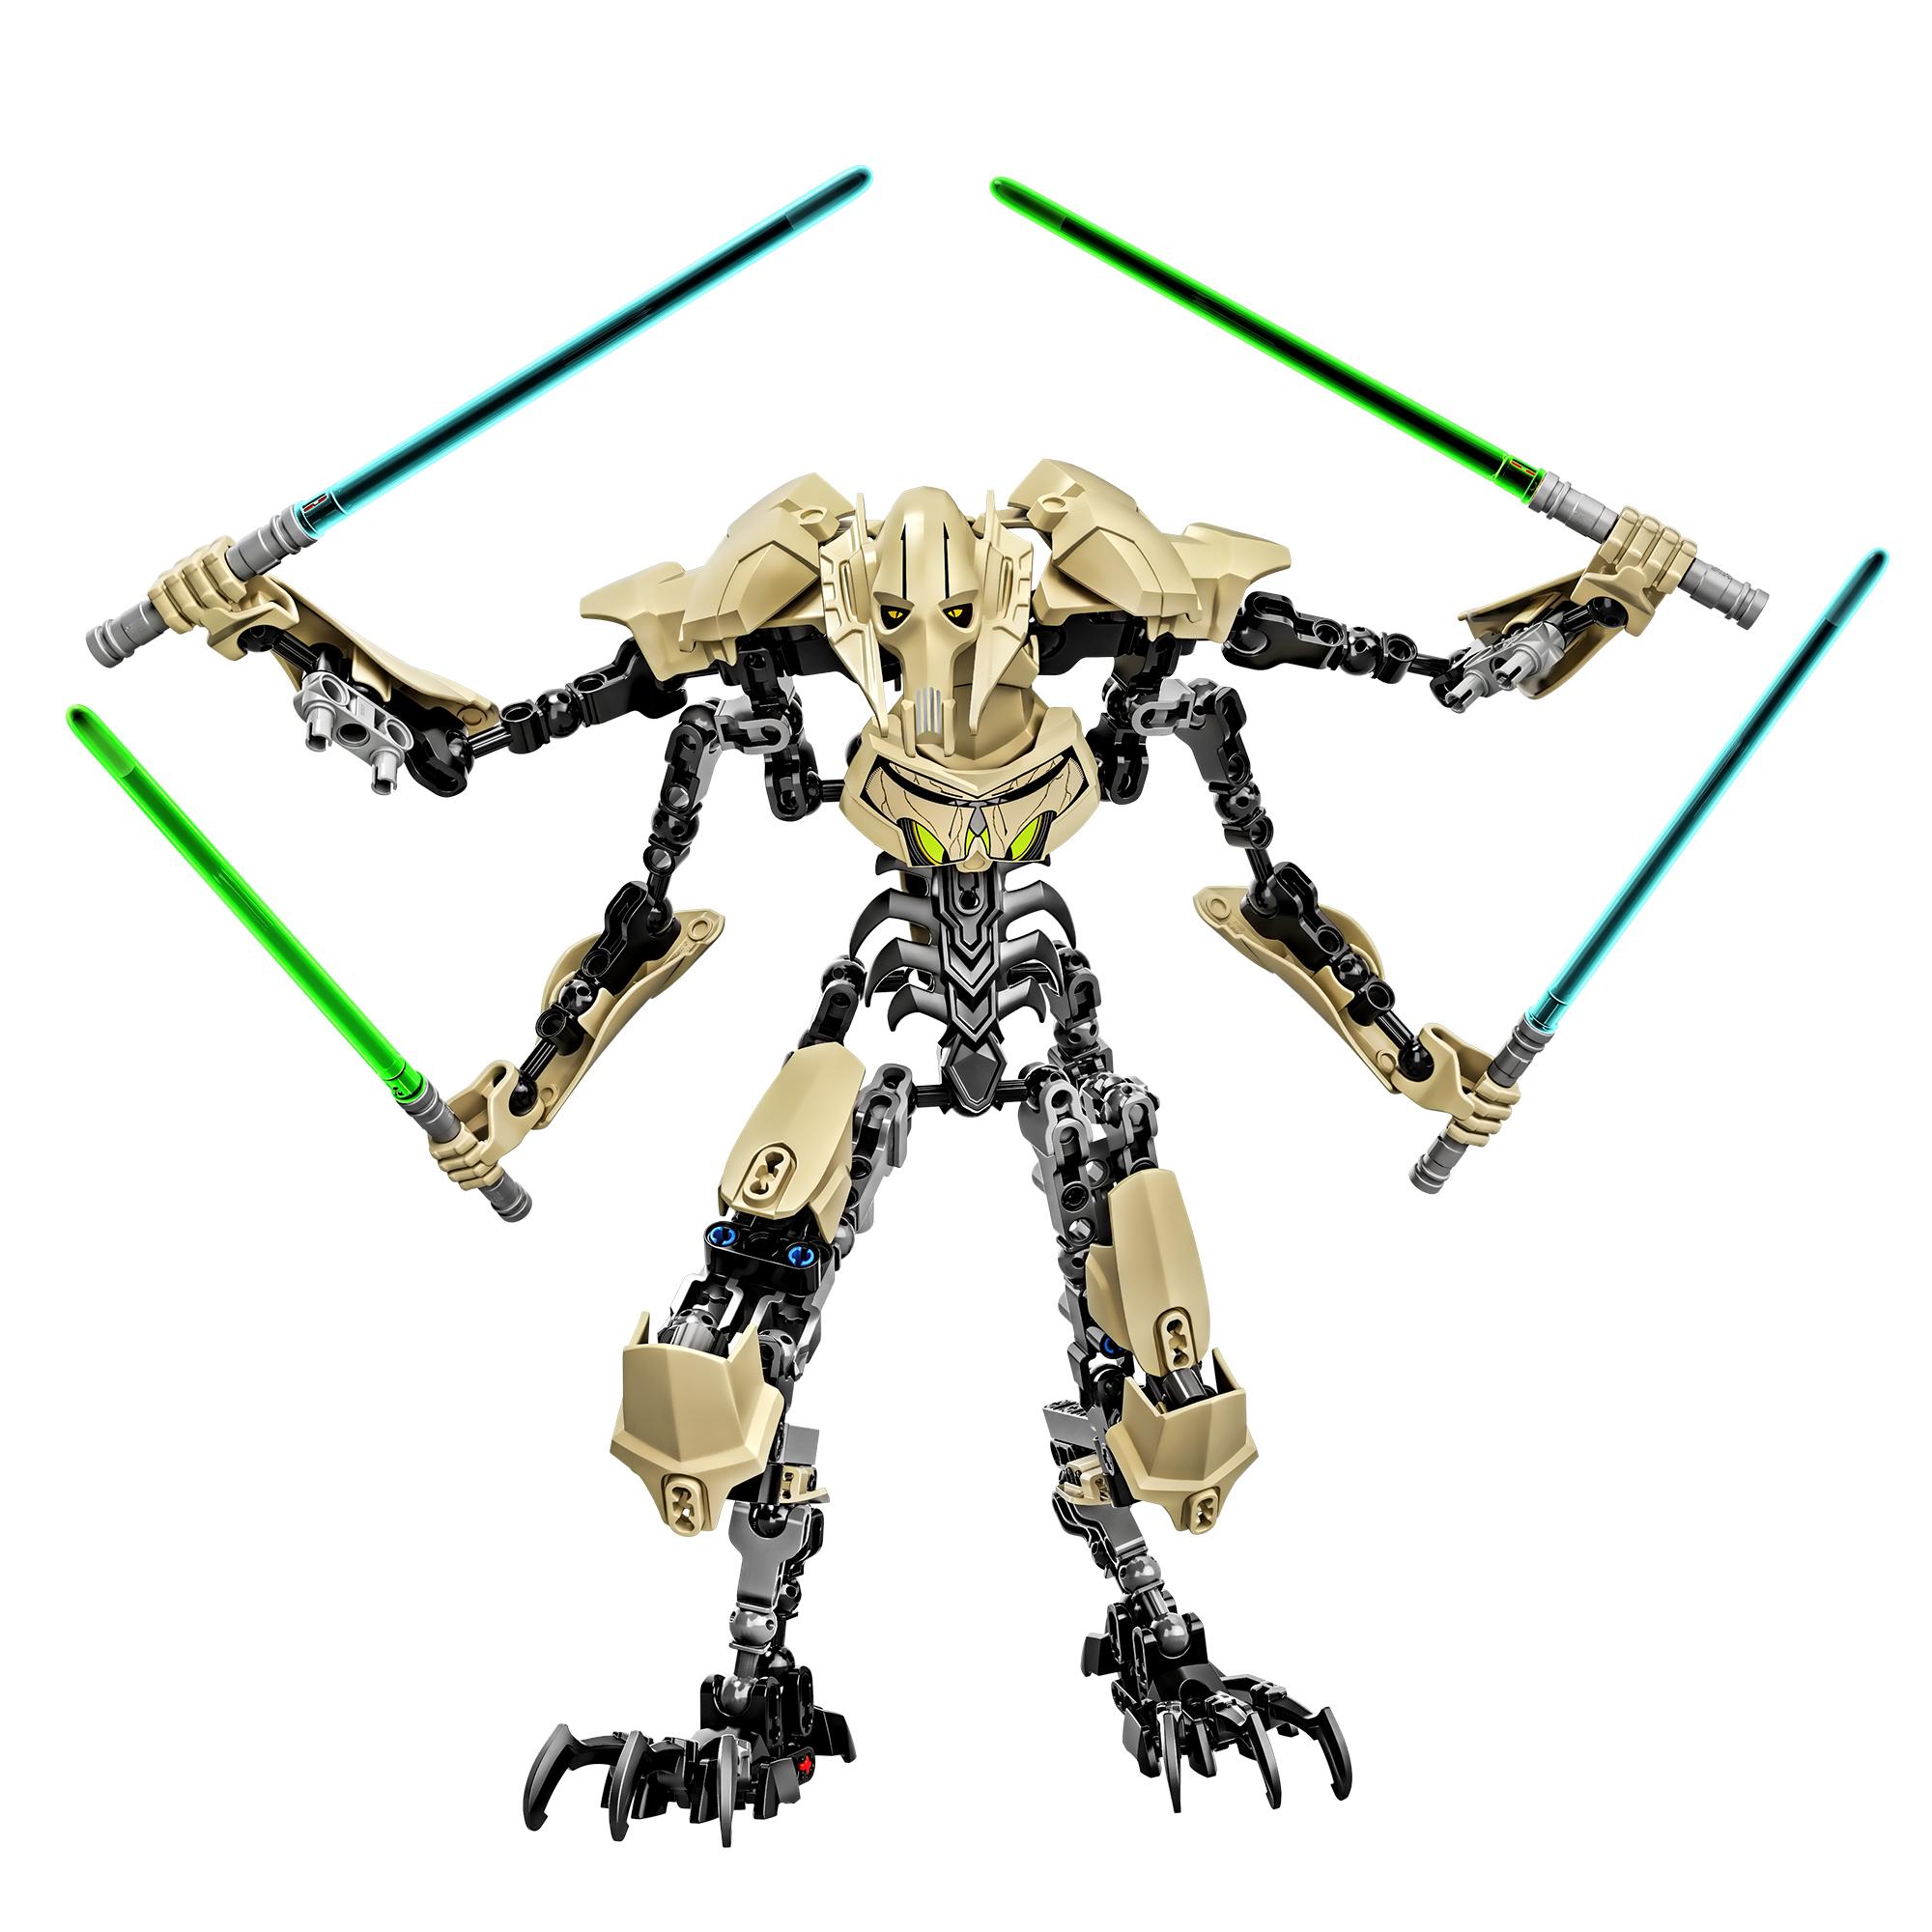 [Produits] Des Figurines d'Action LEGO Star Wars prévues pour l'automne 2015 ! - Page 3 LEGO-General-Grievous